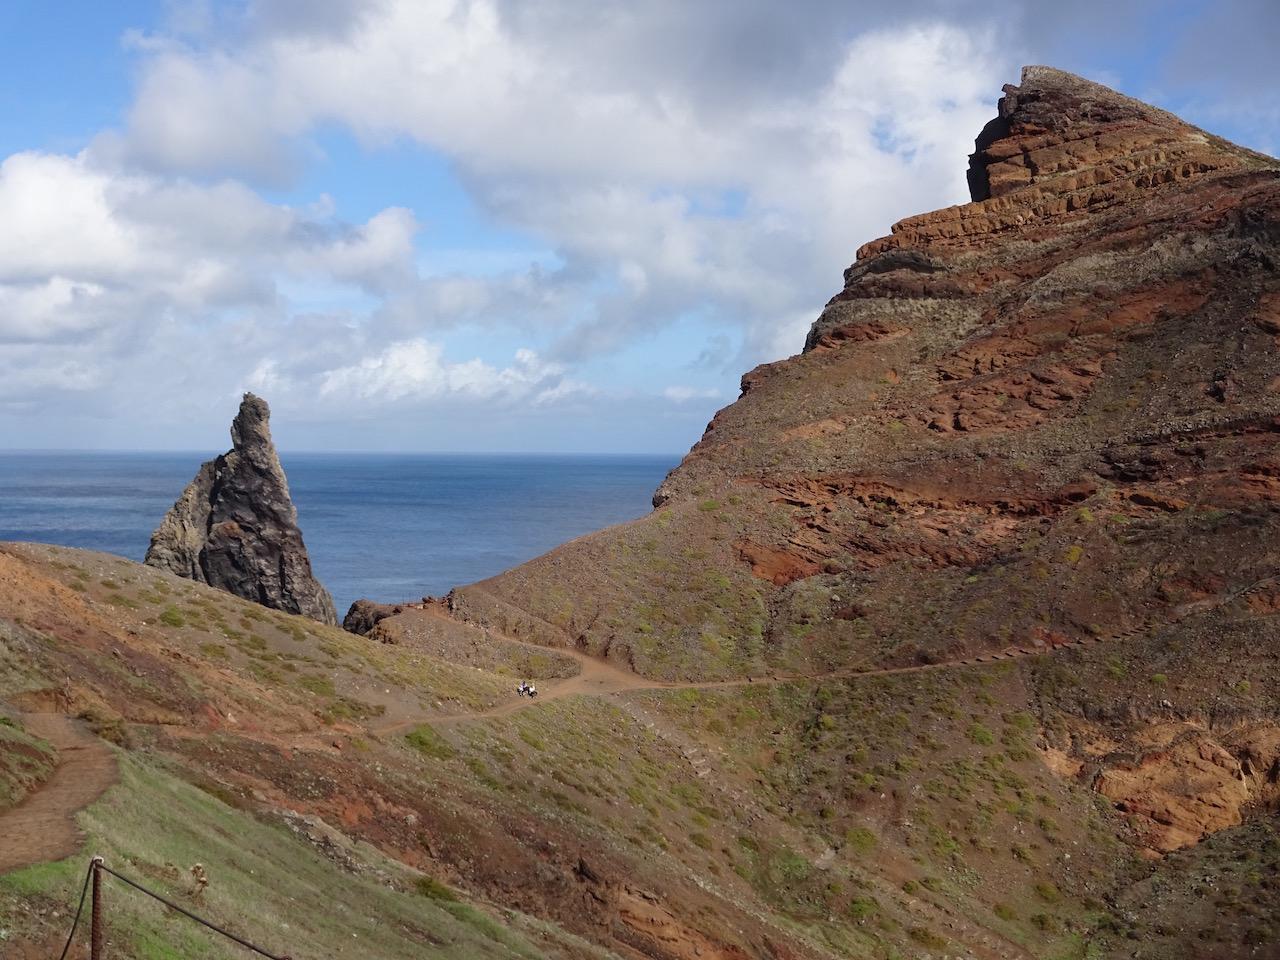 karge Felsenküste im Osten der Insel